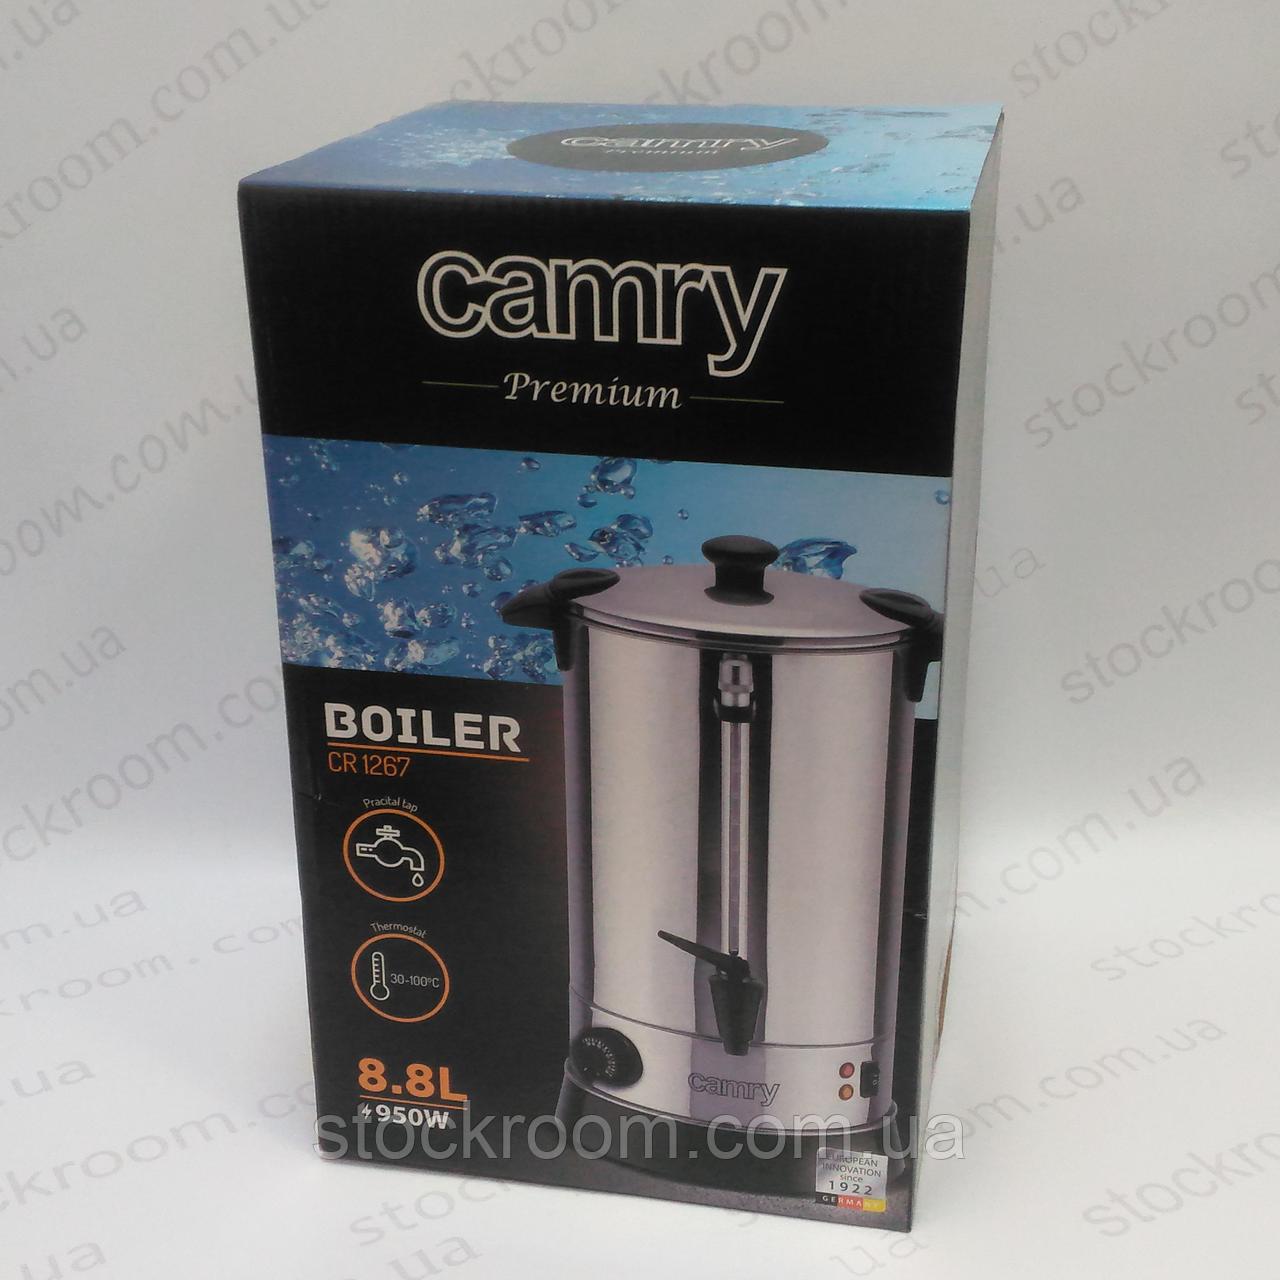 Термопот электрический объёмом 8.8 л  Camry